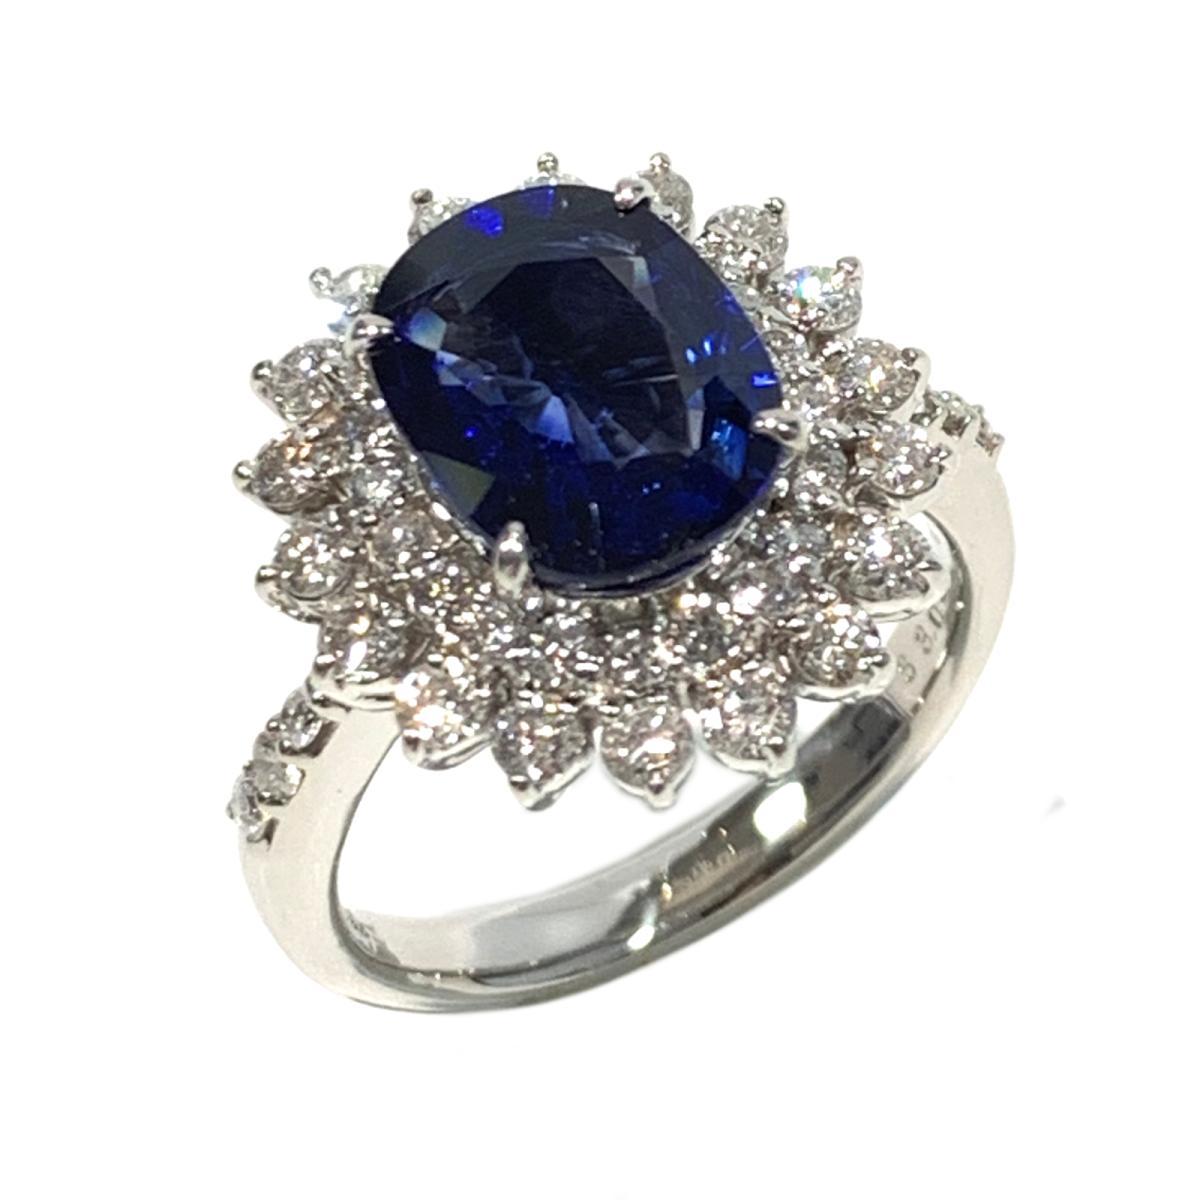 【中古】 ジュエリー サファイア ダイヤモンド リング 指輪 レディース PT900 プラチナ x サファイア3.03 ダイヤ0.94ct ブルー クリアー シルバー | JEWELRY BRANDOFF ブランドオフ ブランド アクセサリー